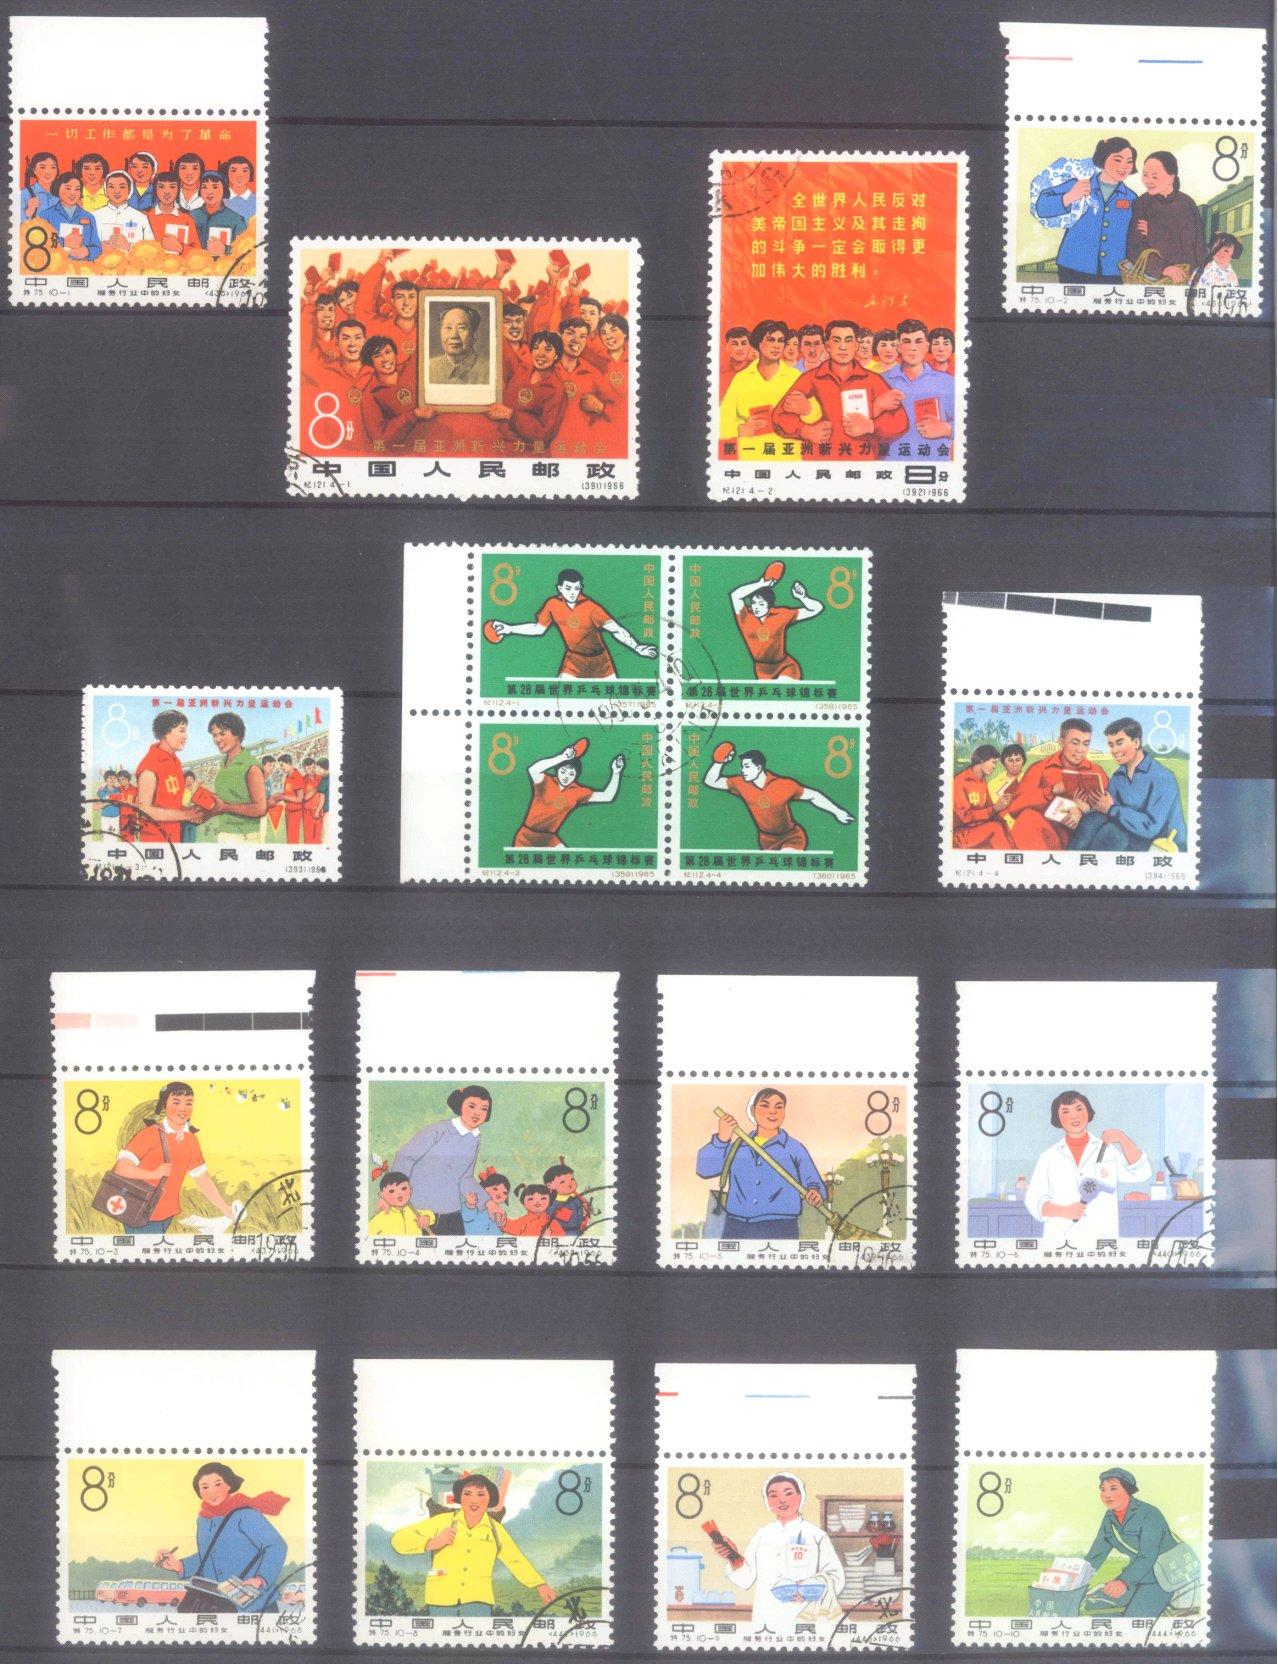 VOLKSREPUBLIK CHINA 1965/66, Sportfest, Frauen, Tischtennis